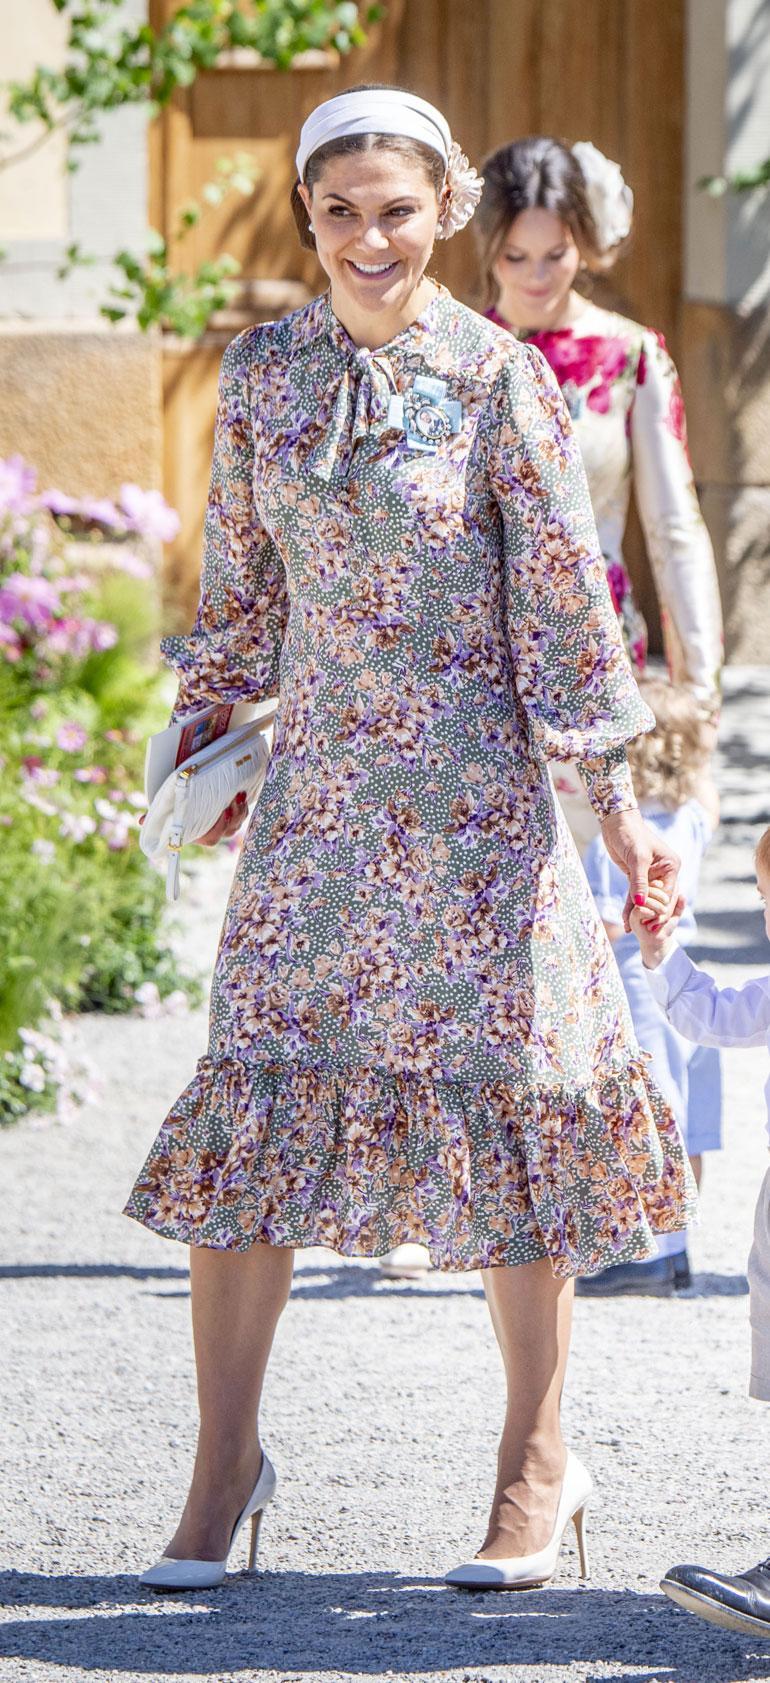 Kruununprinsessa Victorian ihastuttavassa mekossa oli vaikutteita 1970-luvulta.